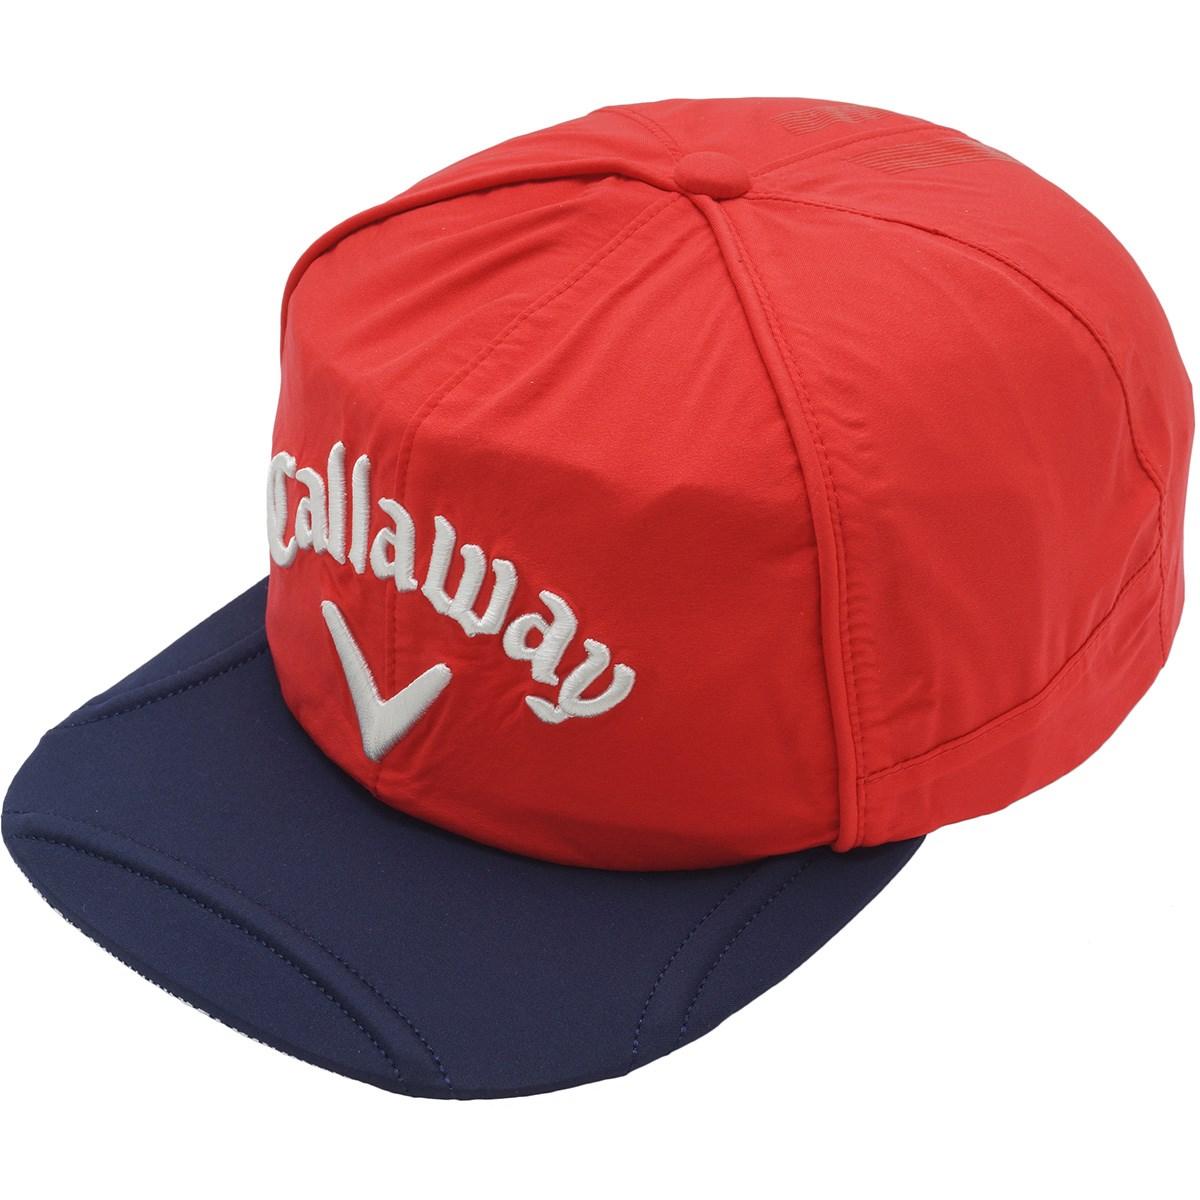 キャロウェイゴルフ Callaway Golf ストレッチ 平つばレインキャップ フリー レッド/ネイビー 100